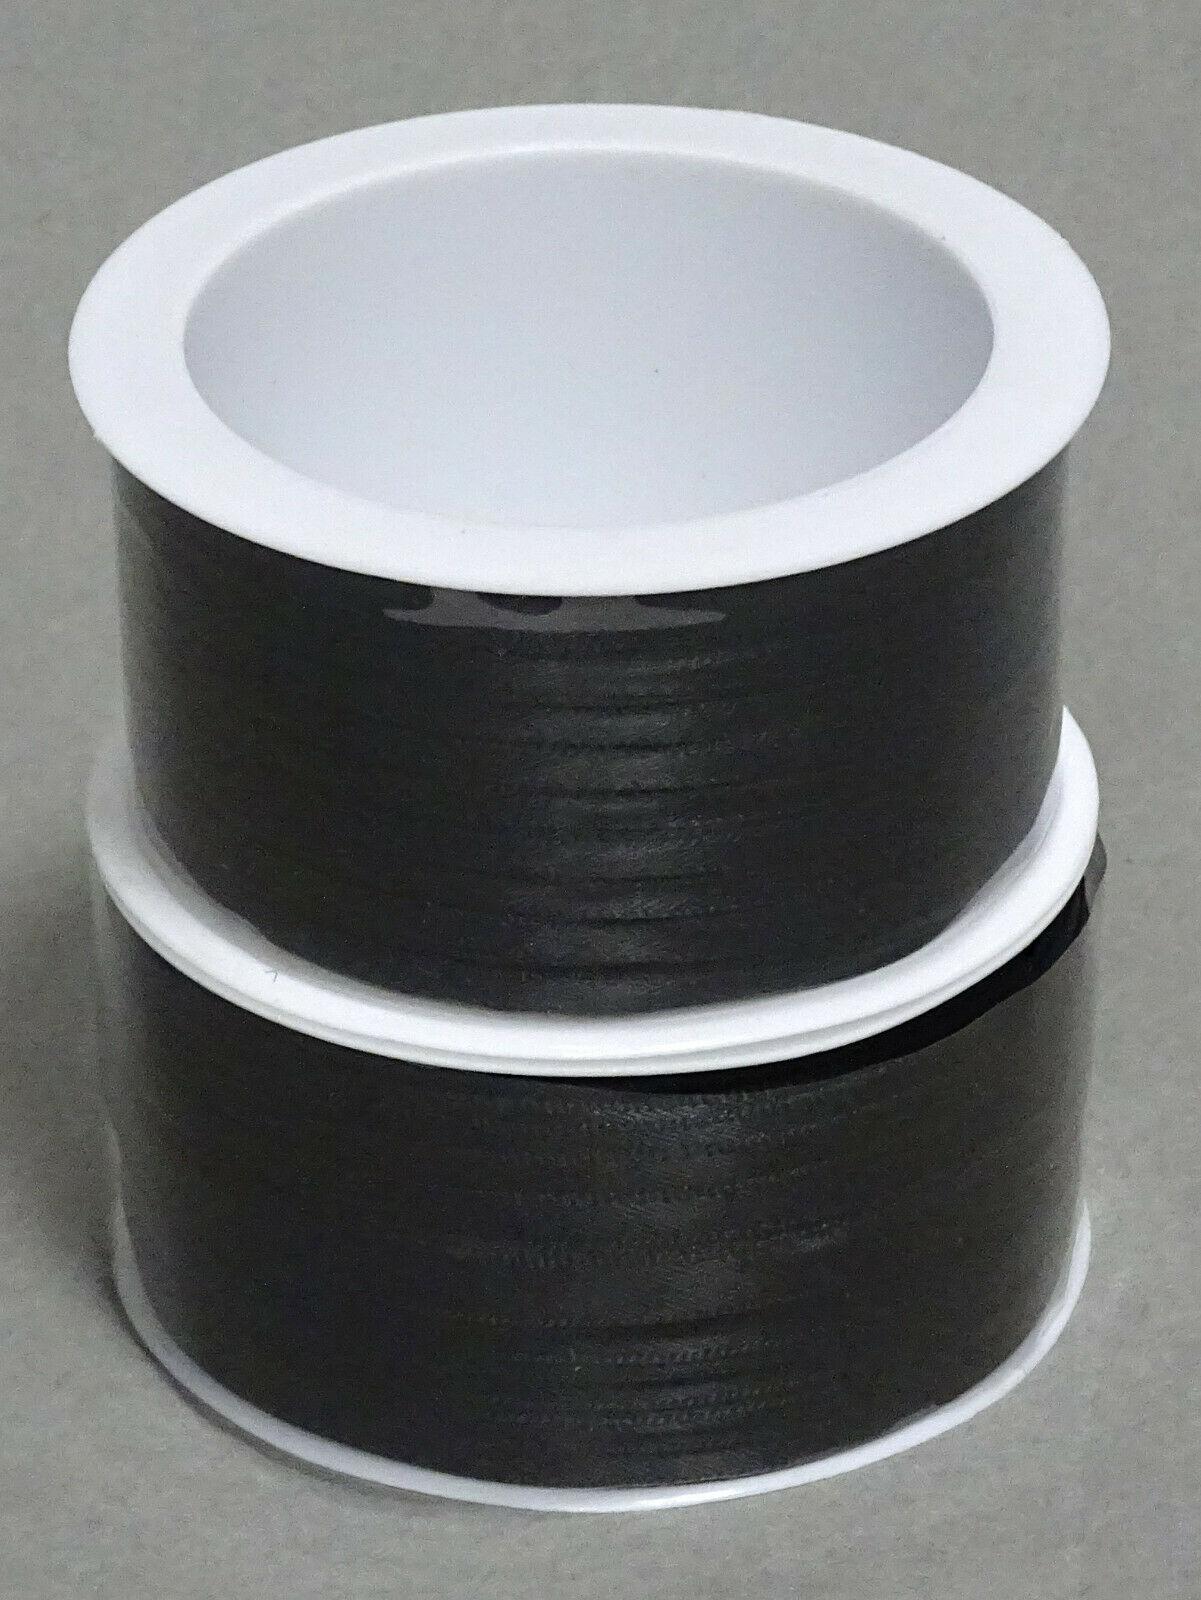 Satinband Schleifenband 50m x 3mm / 6mm Dekoband ab 0,05 €/m Geschenkband Rolle - Schwarz 113, 6 mm x 50 m